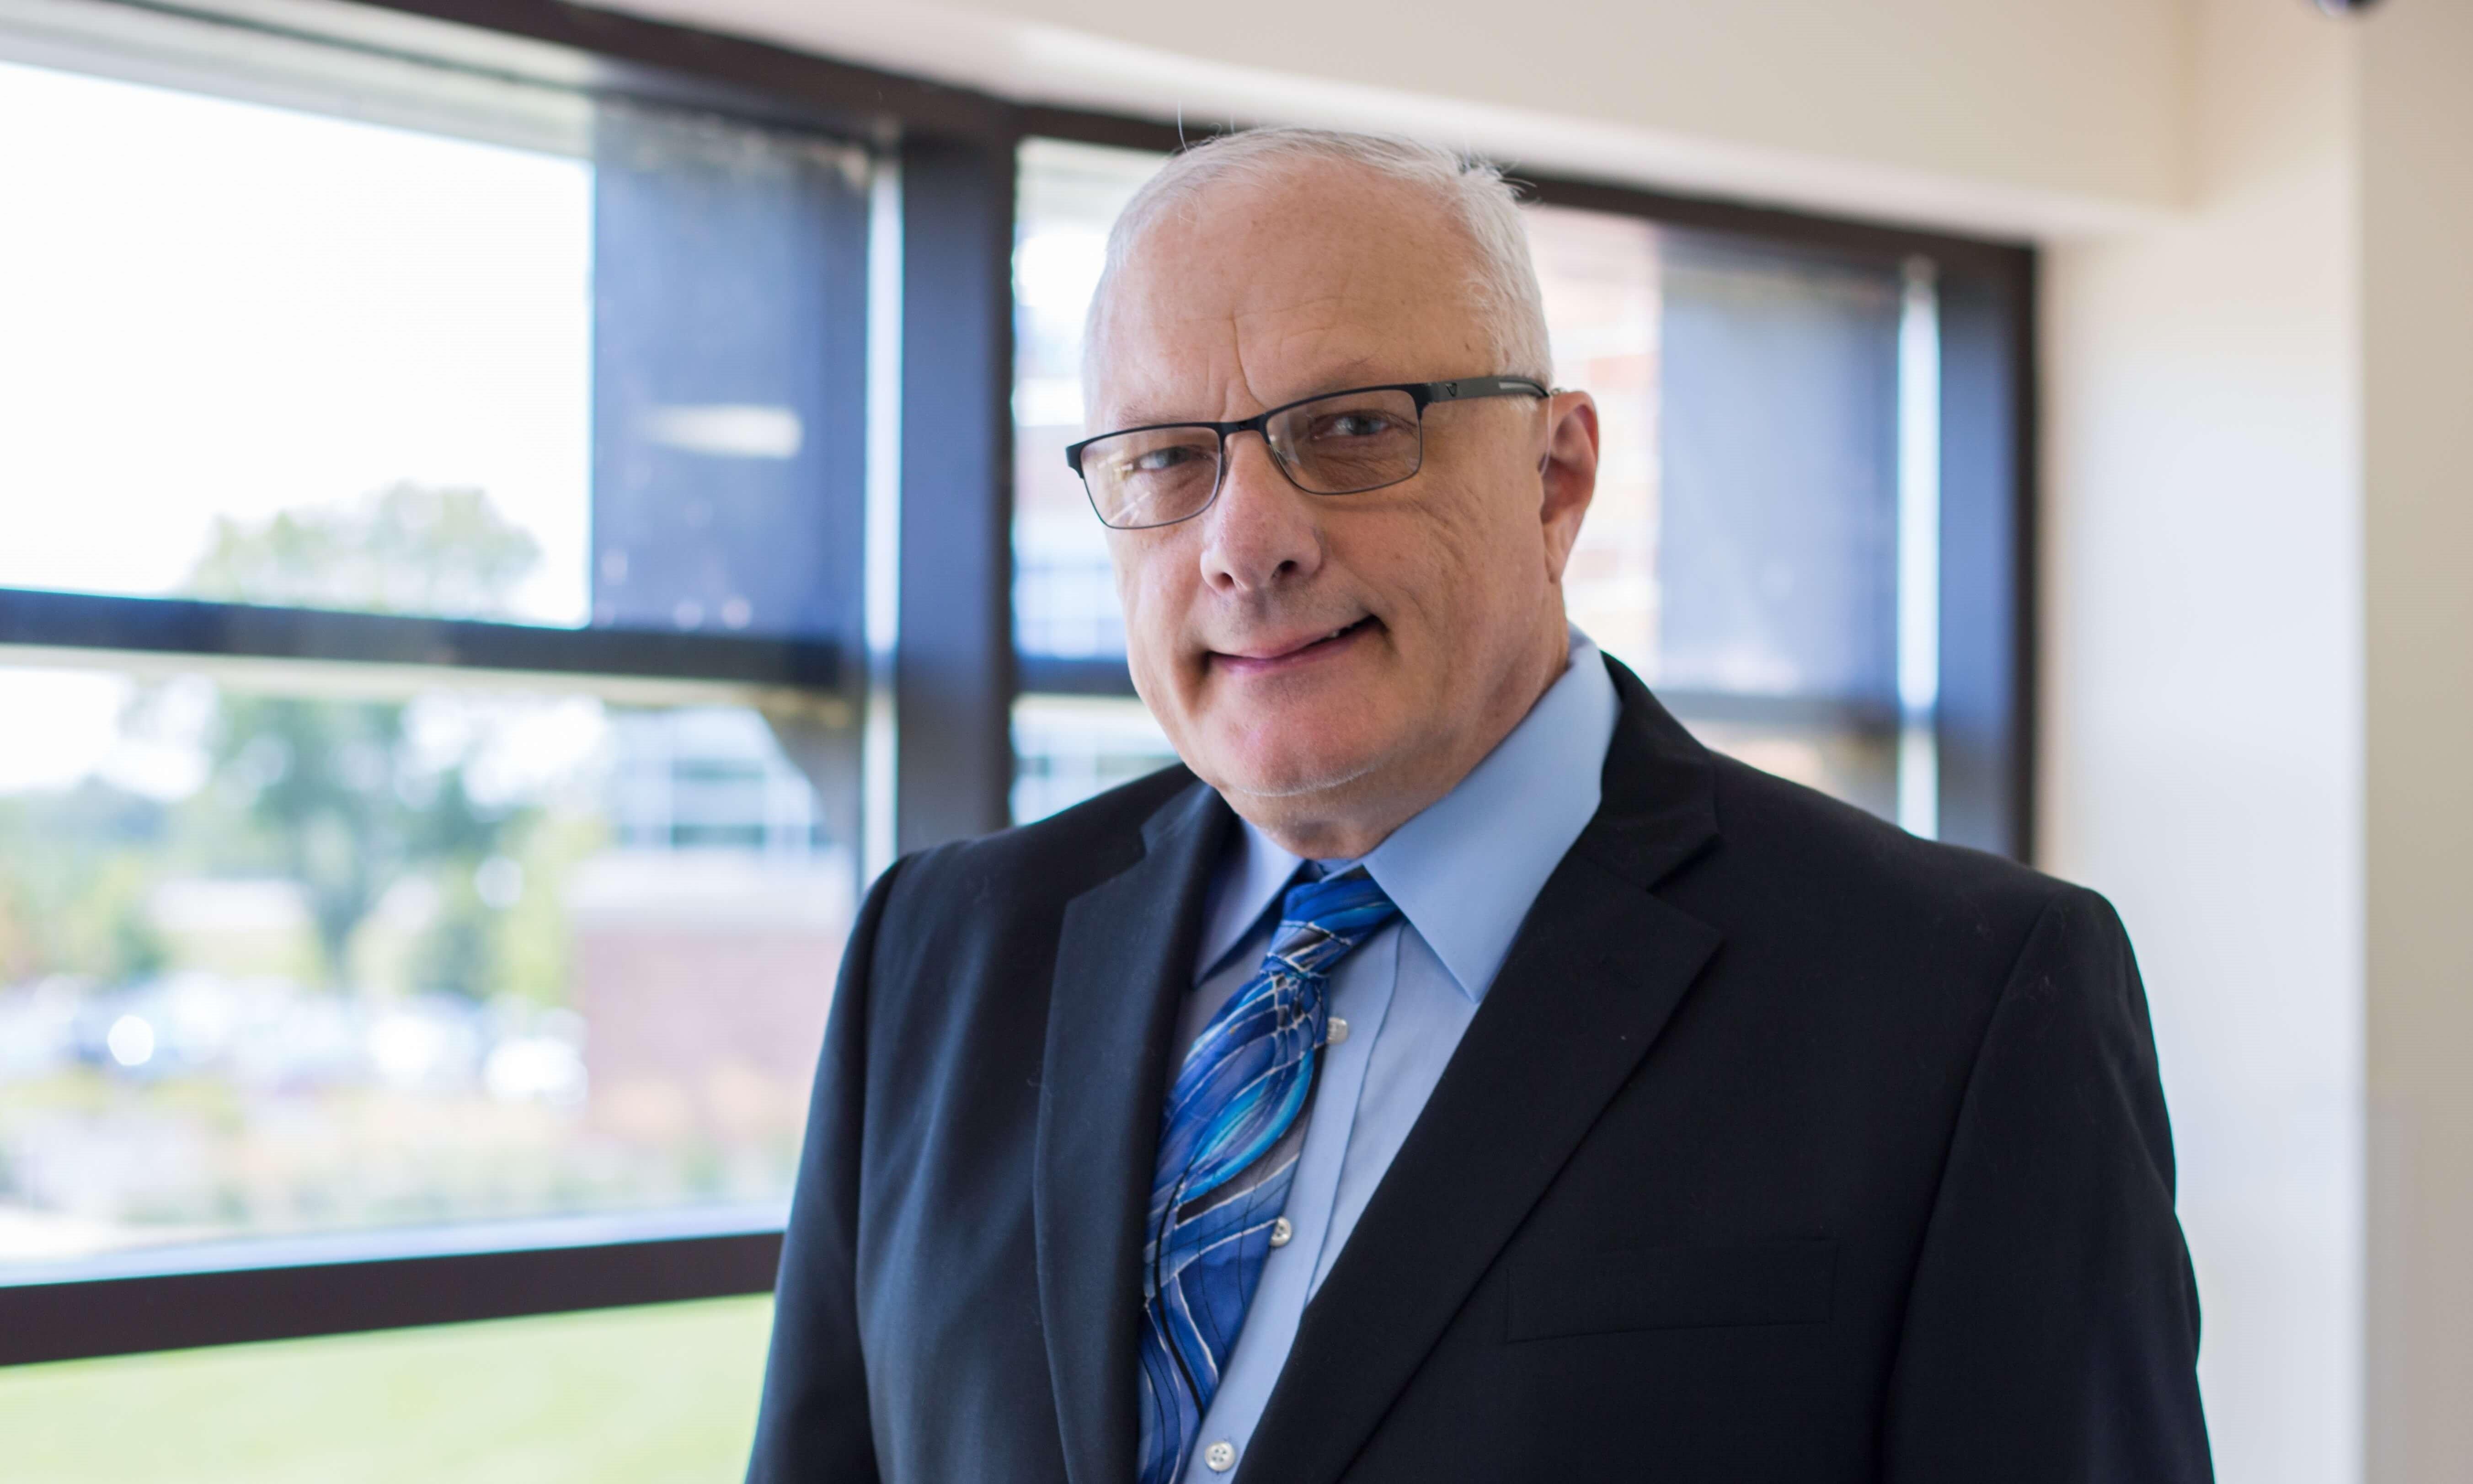 Dr. Steven Parrish